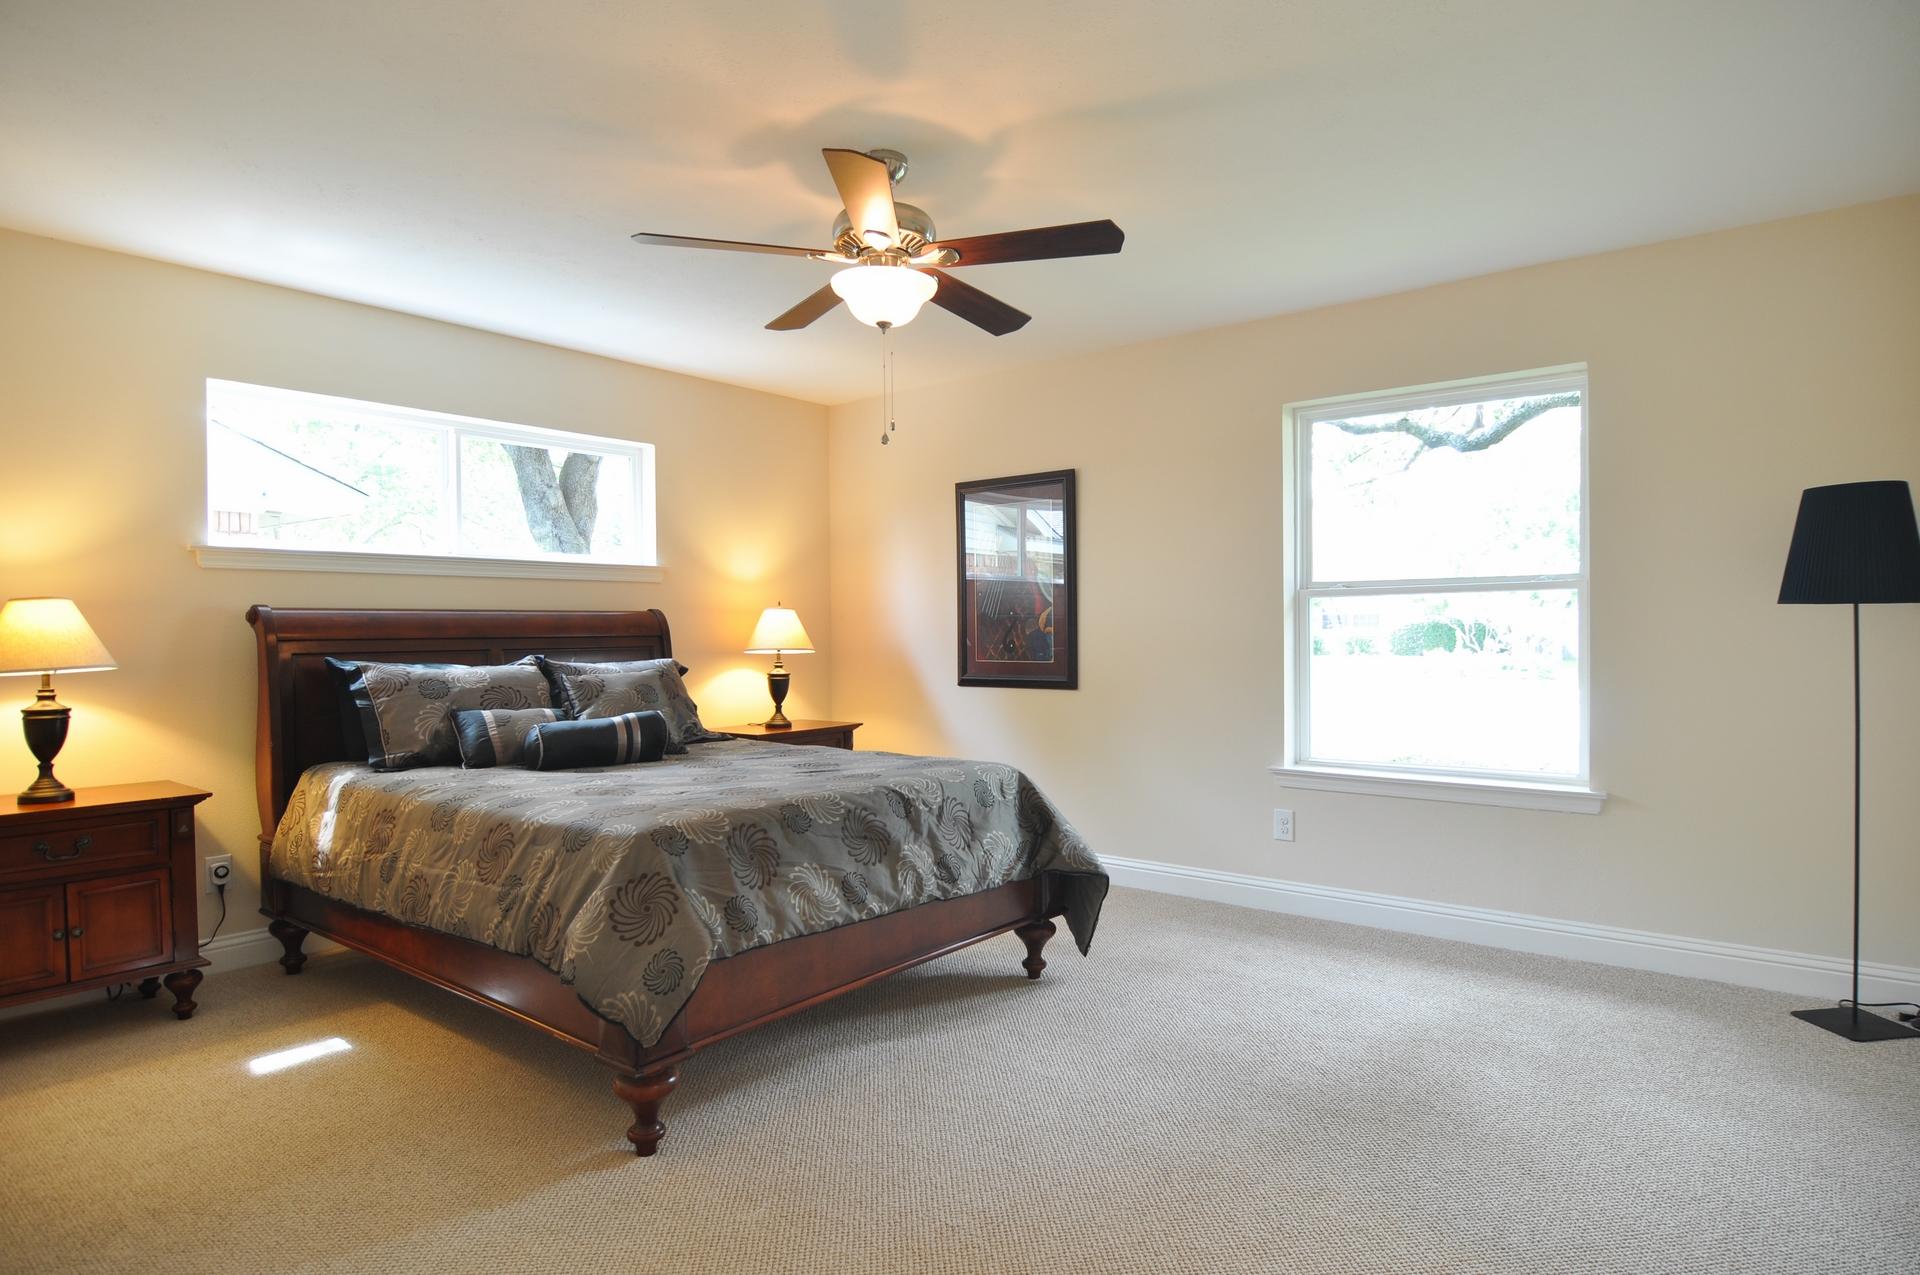 Master Bedroom 3133 Chapel Downs Dr Dallas TX 75229 Robert Jory.jpg